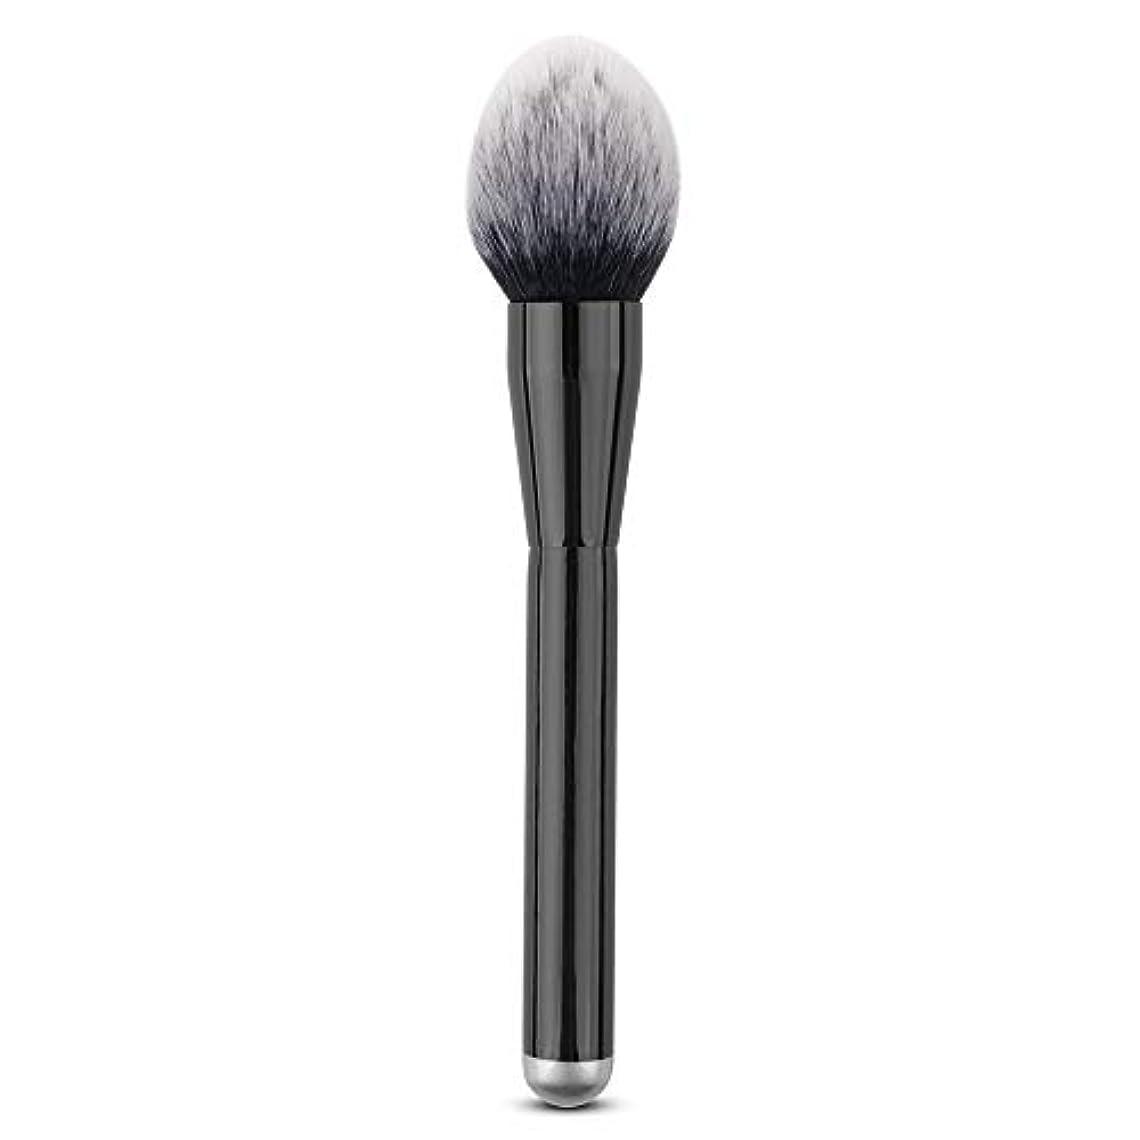 パトロール影響する根絶するMakeup brushes 単一のブラシ巧みな構造のブラシ柔らかいブラシPerdurableおよび携帯用構造専門の構造のブラシ suits (Color : Black)